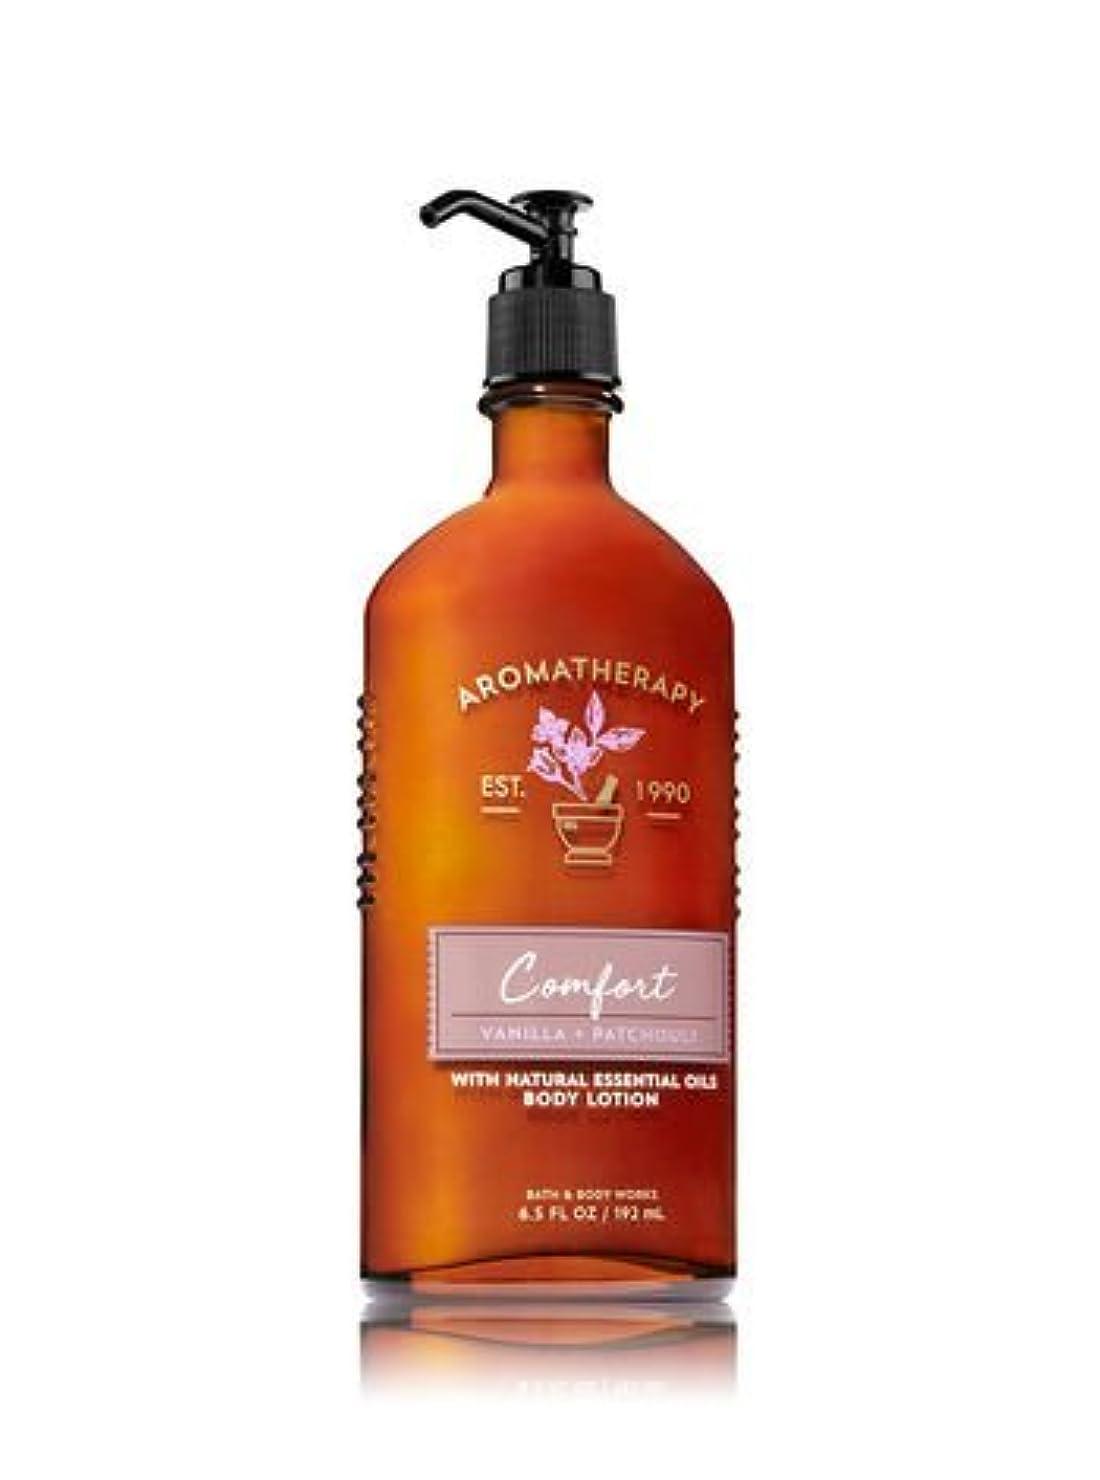 バズ乳製品あいにく【Bath&Body Works/バス&ボディワークス】 ボディローション アロマセラピー コンフォート バニラパチョリ Body Lotion Aromatherapy Comfort Vanilla Patchouli 6.5 fl oz / 192 mL [並行輸入品]